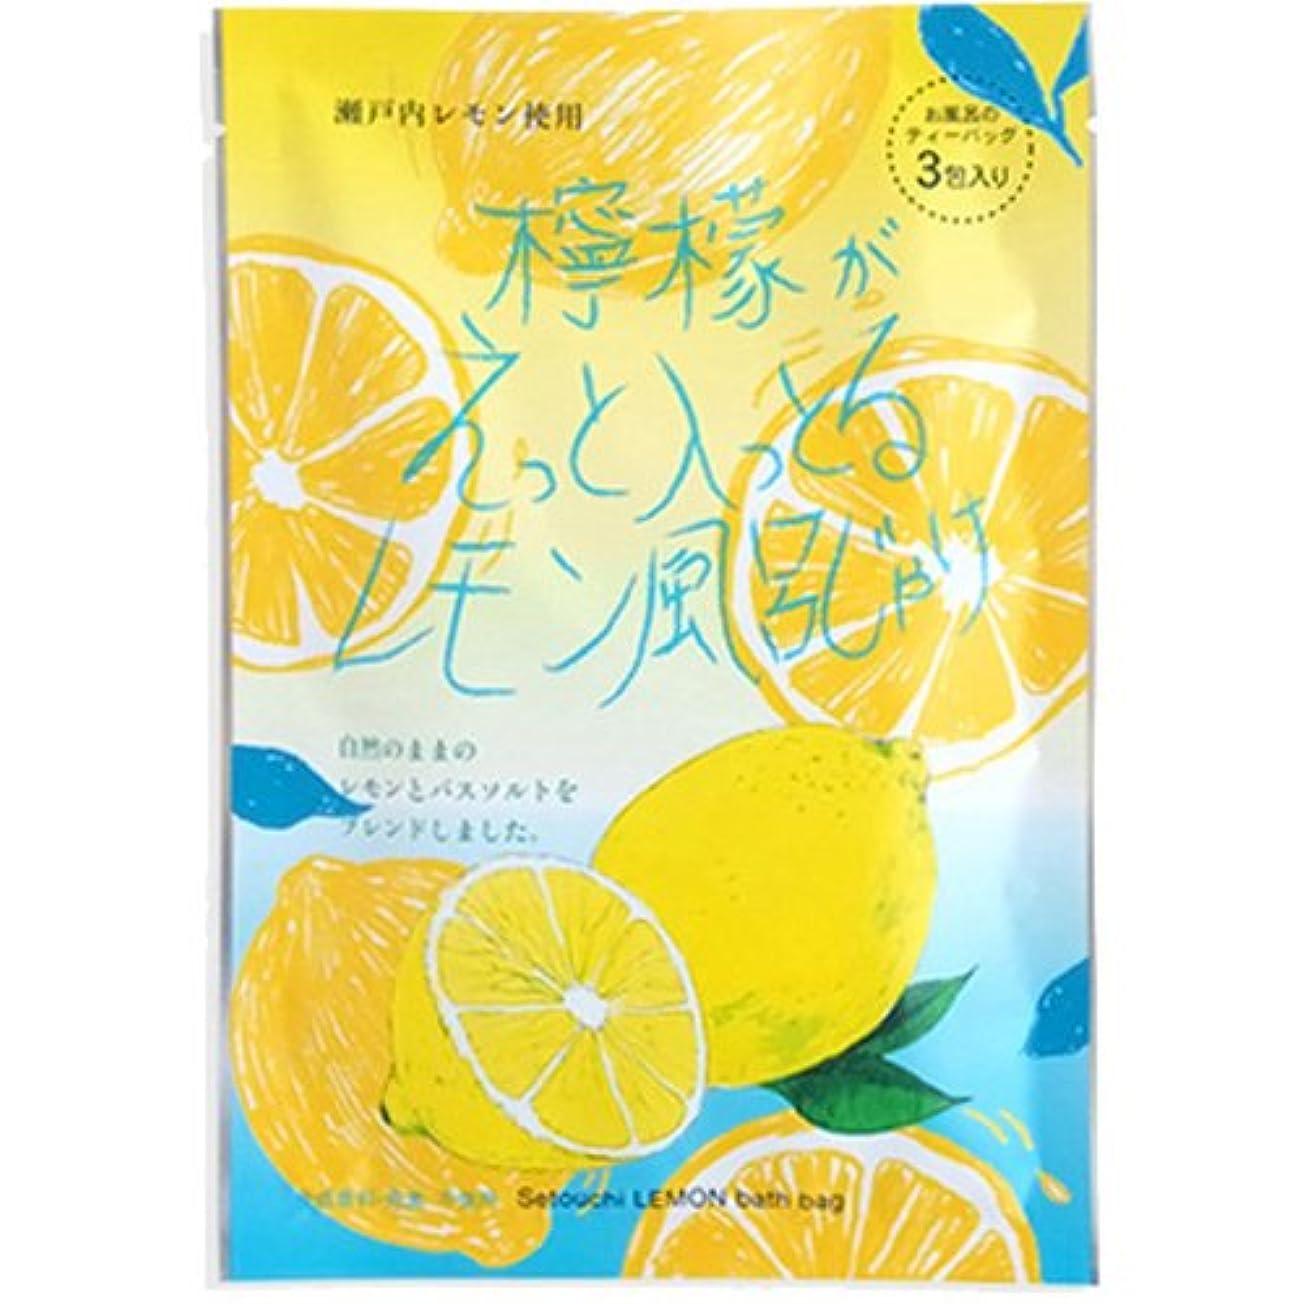 騒蒸持つ檸檬がえっと入っとるレモン風呂じゃけ